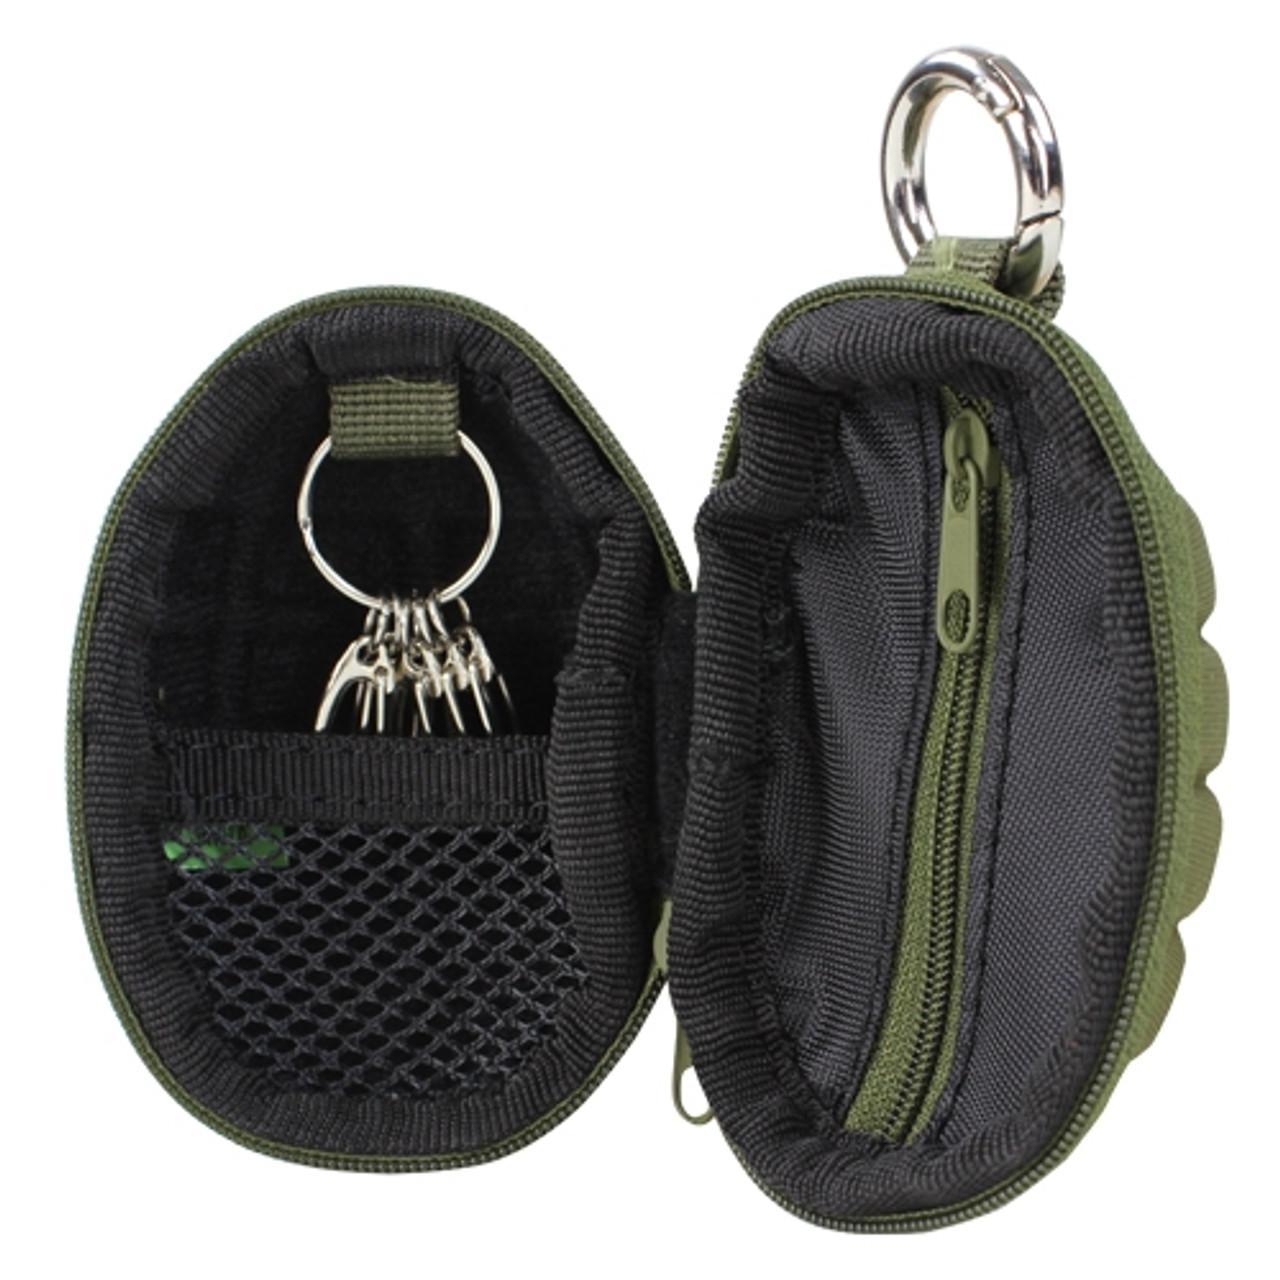 Condor Grenade Key Chain Pouch-OD